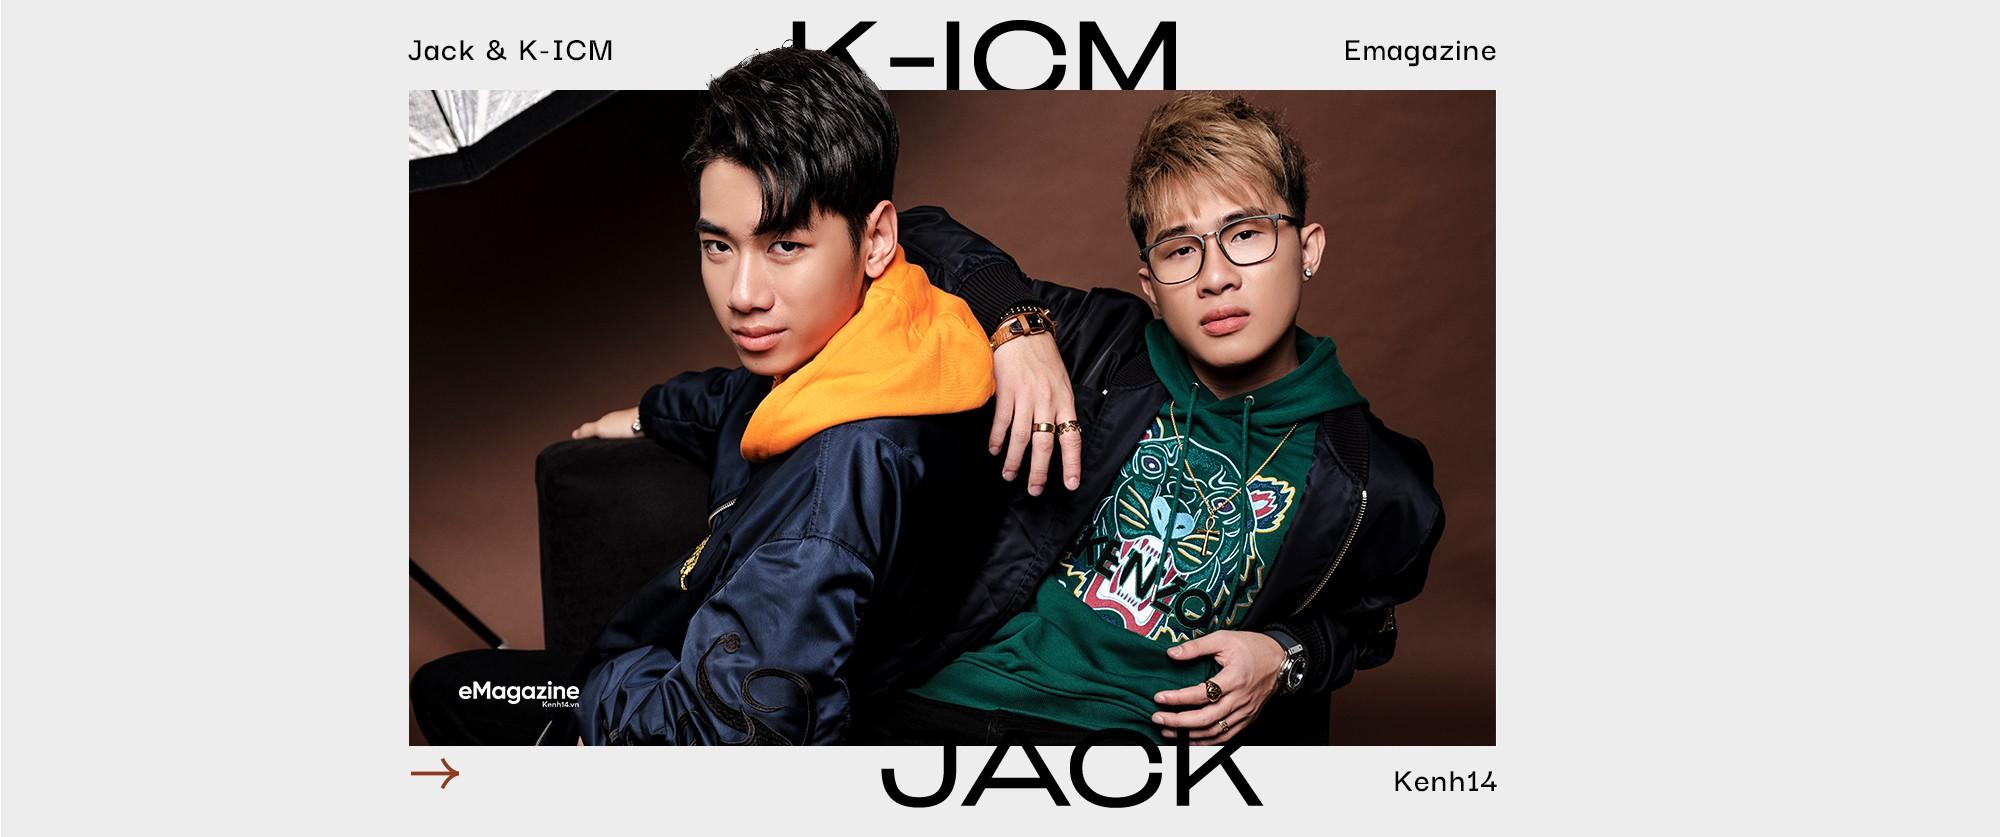 """JACK & K-ICM: """"Tụi em là người nhà quê, với ước mơ mang dân tộc đi ra thế giới - Ảnh 24."""